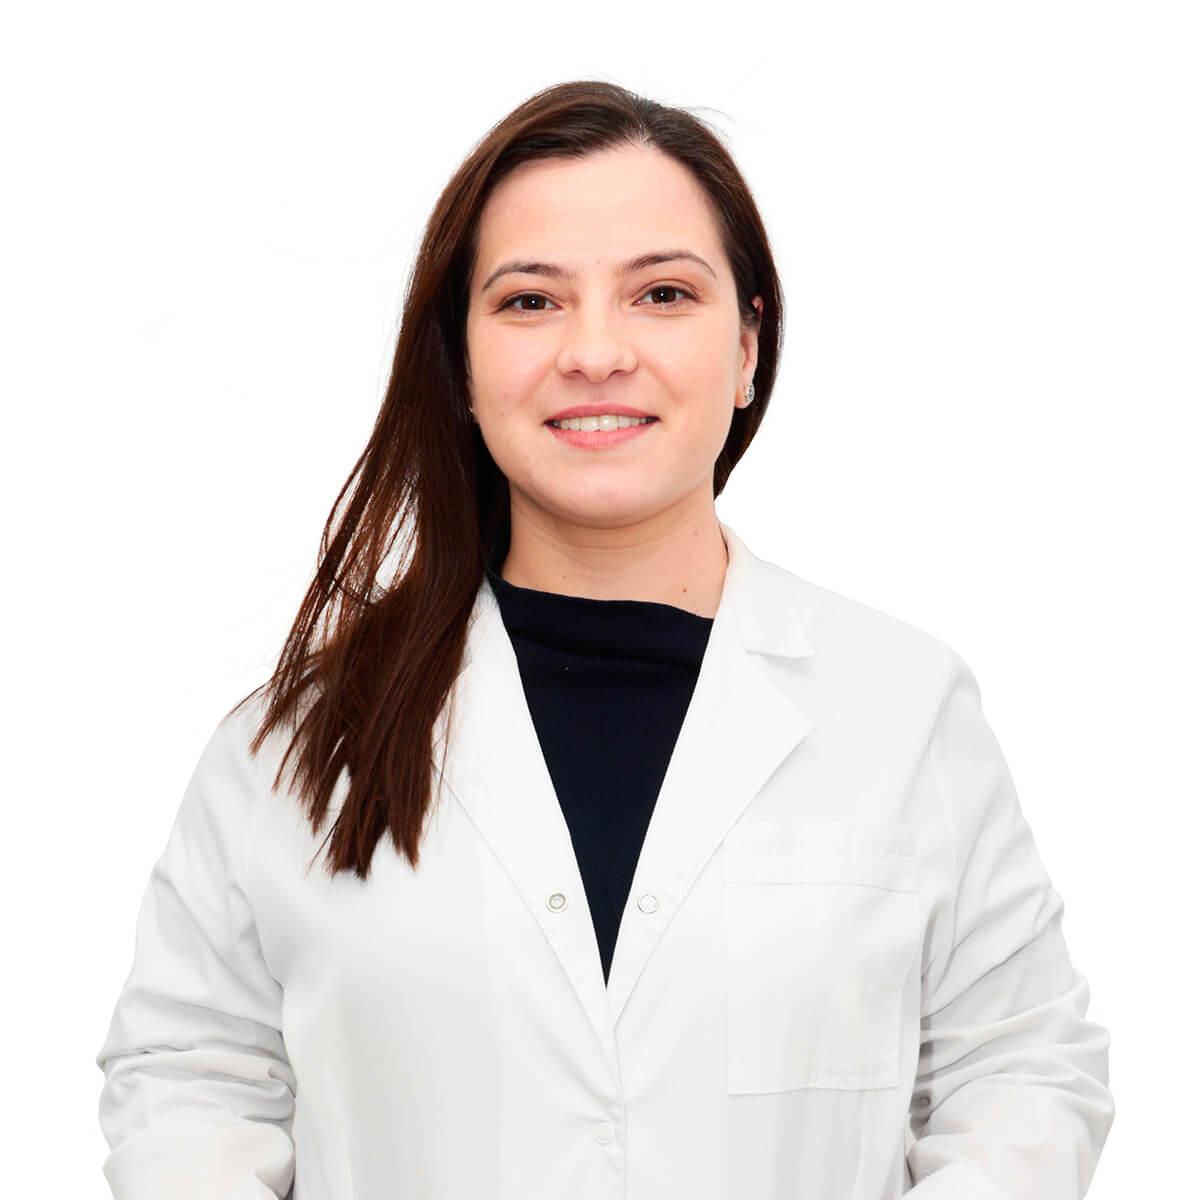 Gabriela-Mirela Pînzaru-medic-specialist-oftalmolog-1200x1200